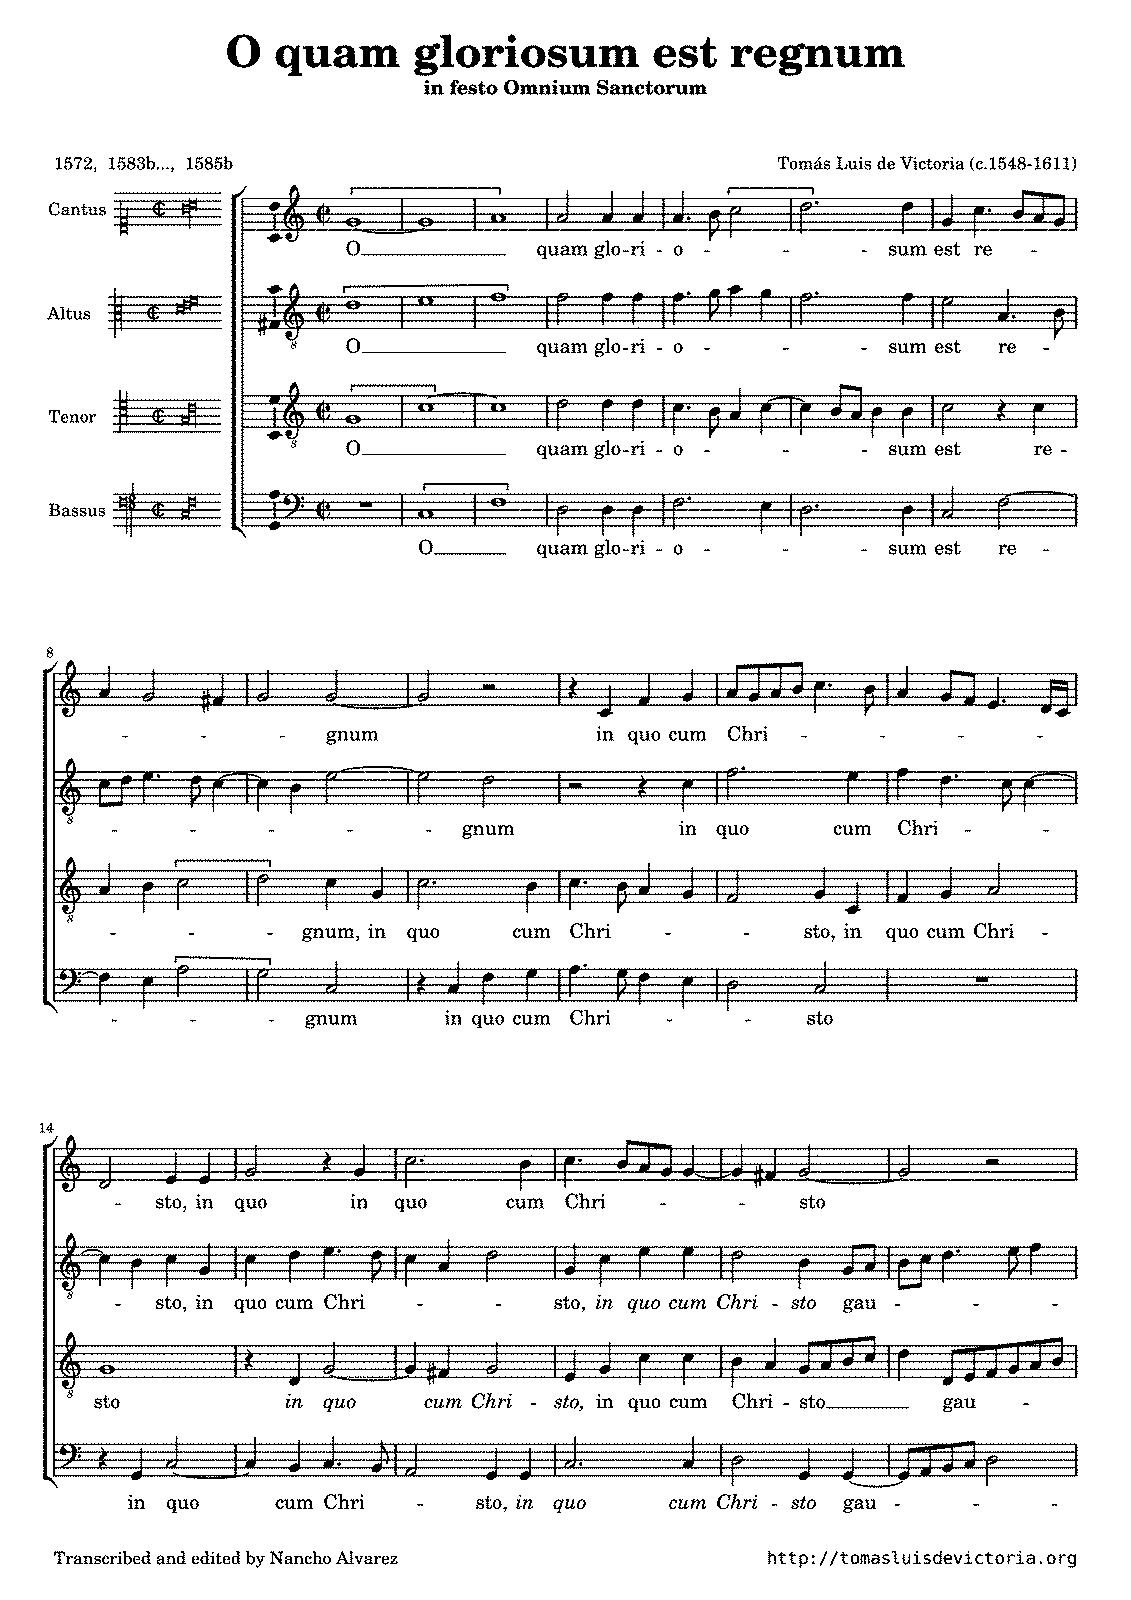 O quam gloriosum est regnum victoria toms luis de imslp sheet music hexwebz Gallery